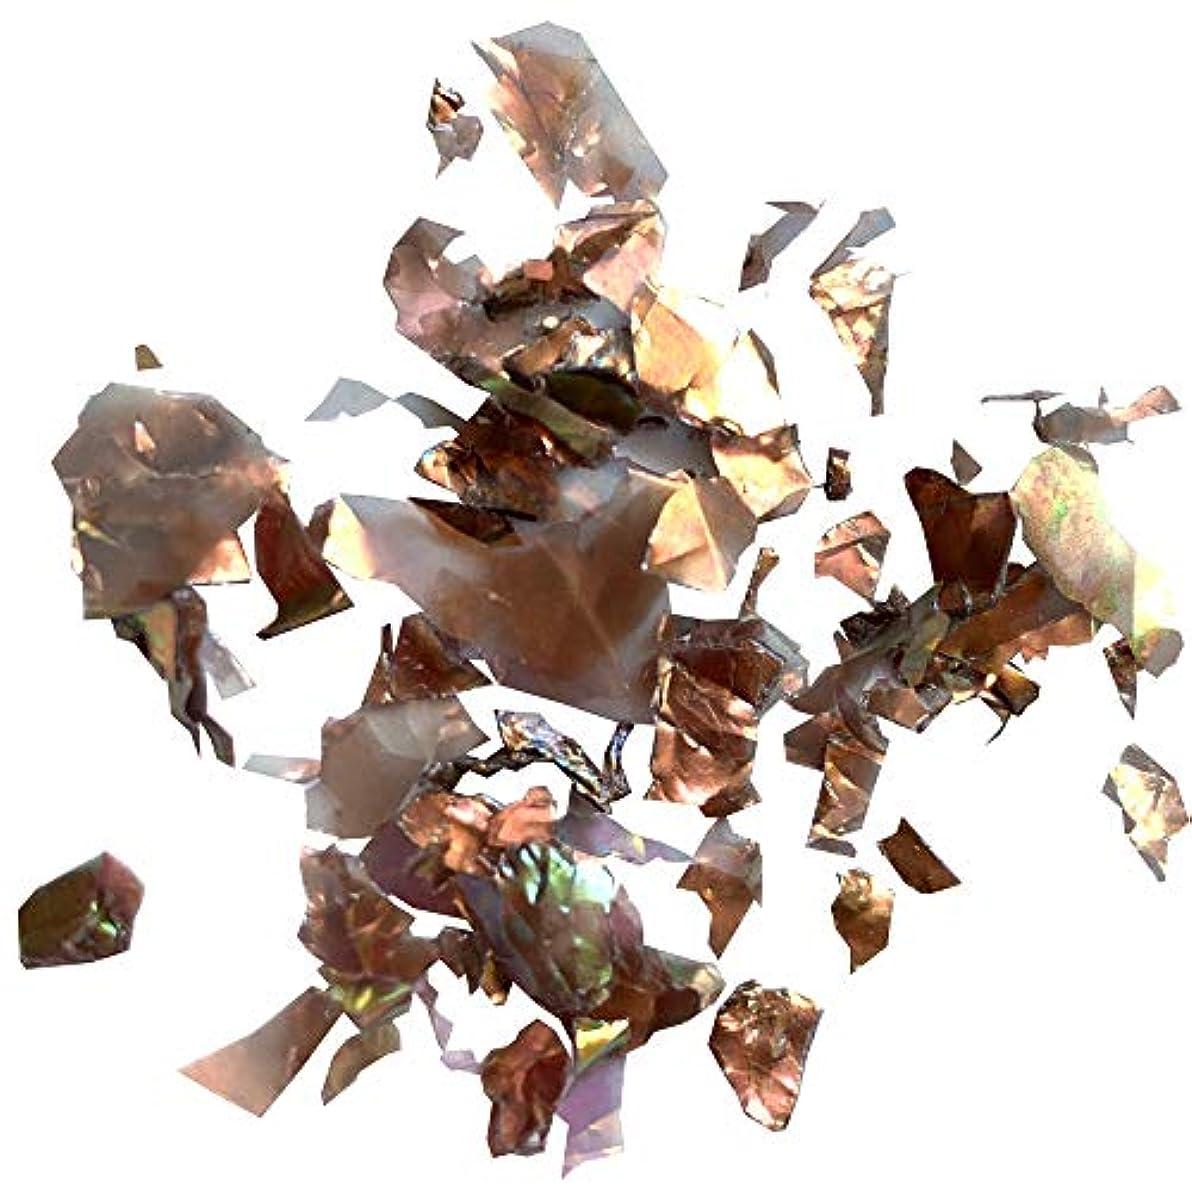 いっぱい有毒な戦術Charlon(シャルロン) Charlon アンティークホロ 乱切り 0.4g